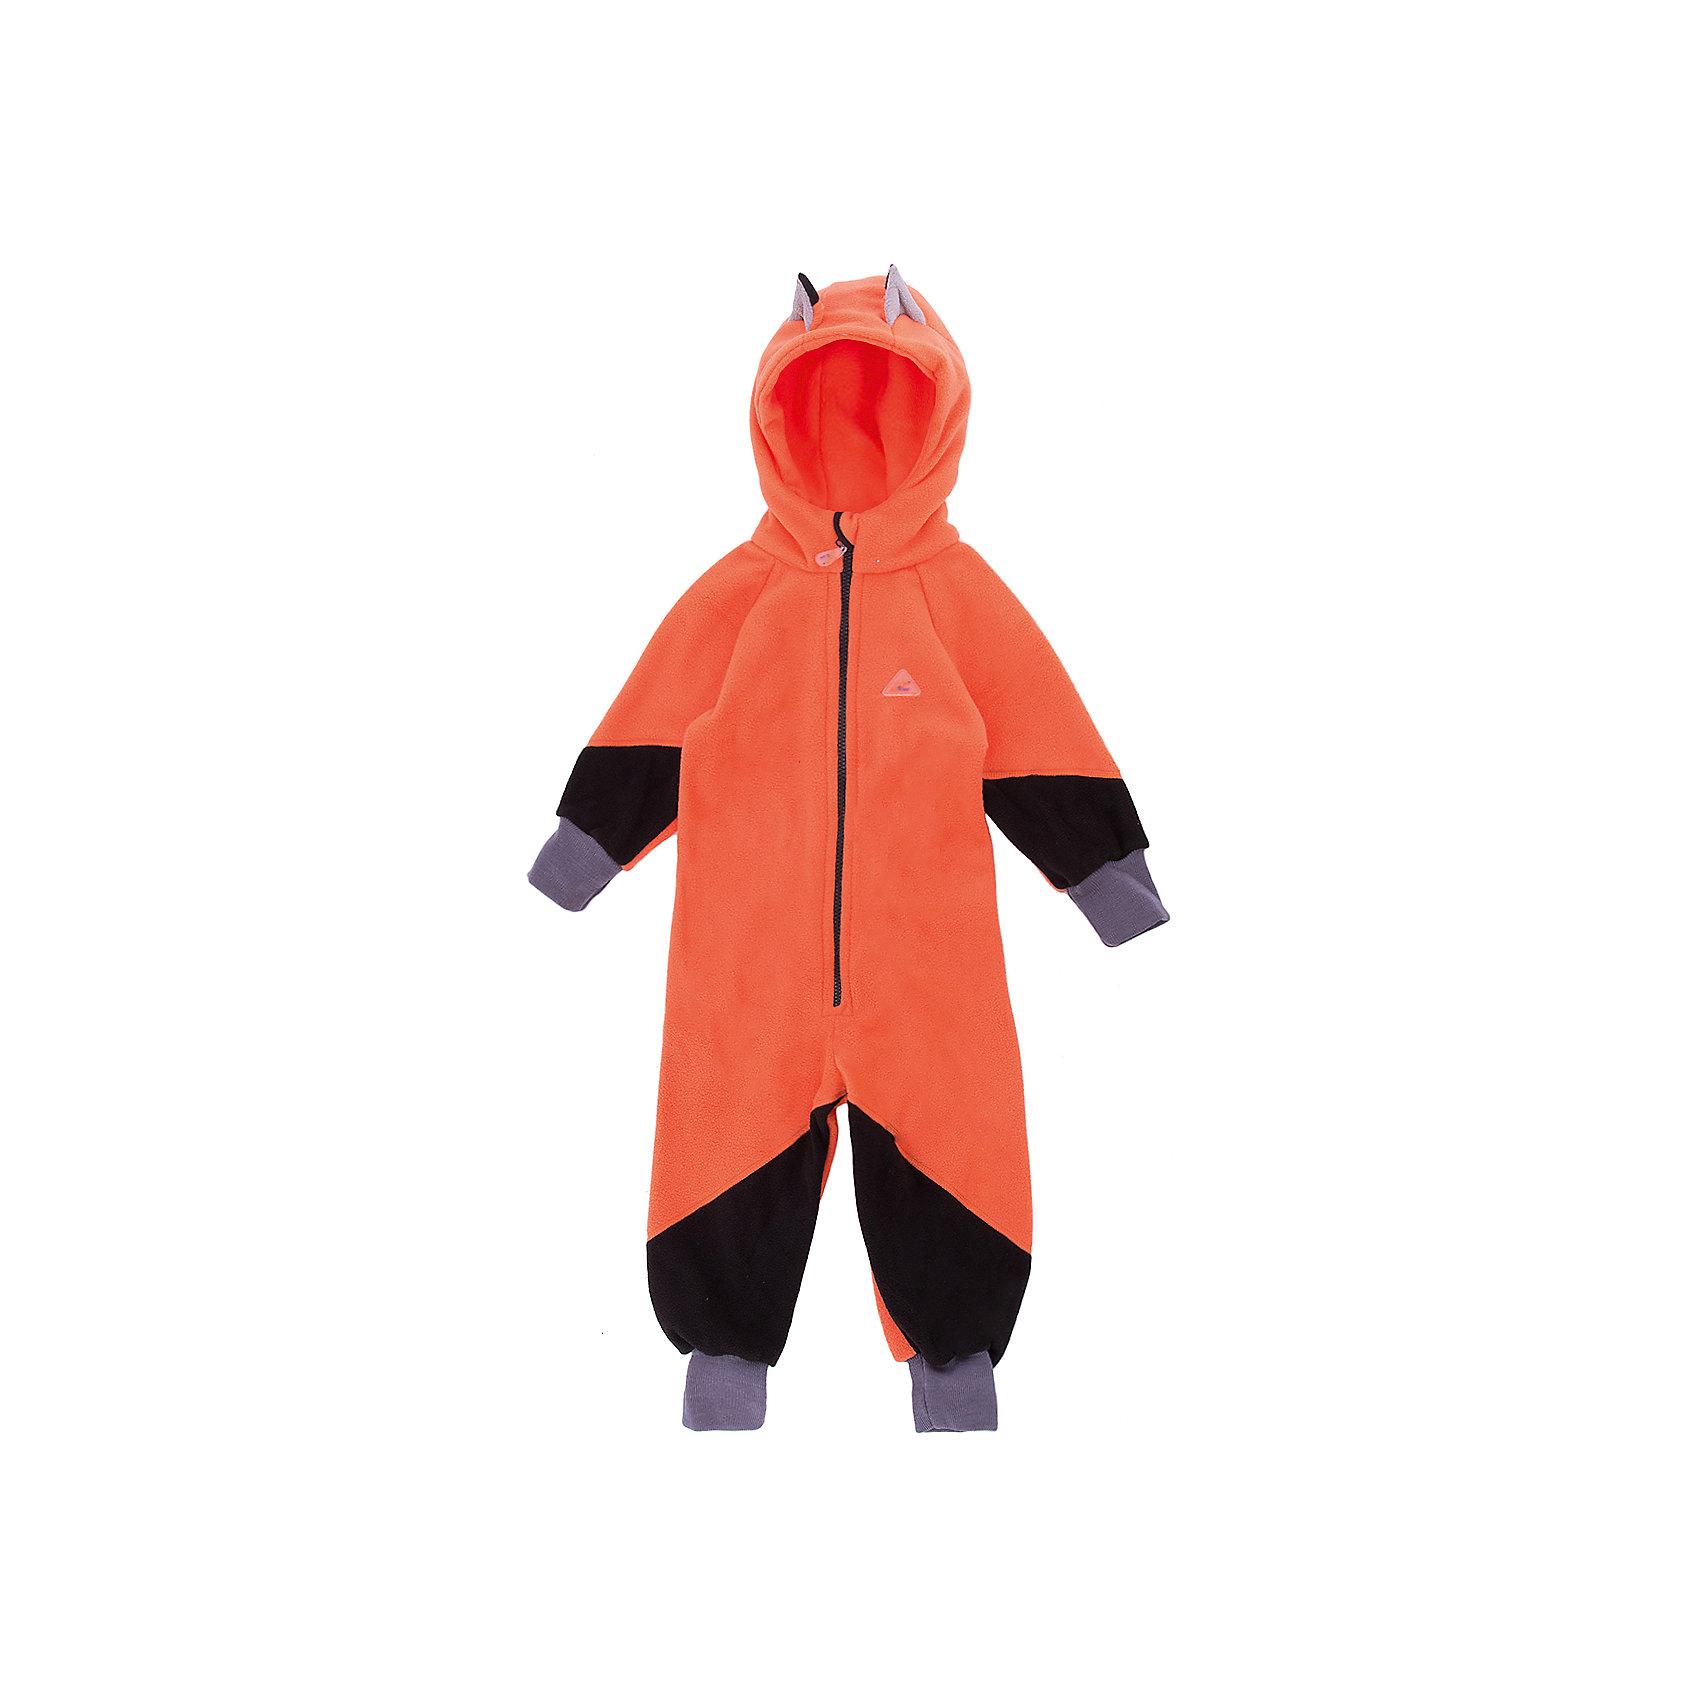 Комбинезон Ушки ЛисФлисФлис и термобелье<br>Характеристики товара:<br><br>• цвет: оранжевый;<br>• состав: 100% полиэстер, флис (280 гр);<br>• сезон: зима;<br>• особенности: флисовый, с капюшоном<br>• застежка: молния;<br>• защита подбородка от защемления;<br>• эластичные манжеты на рукавах и брючинах;<br>• резинка на спине для лучшей посадки;<br>• декорирован лисьими ушками на капюшоне;<br>• страна бренда: Россия;<br>• страна производства: Россия.<br><br>Флисовый комбинезон на молнии. Изделие можно одевать как поддеву (дополнительный утепляющий слой) под мембранную одежду при минусовой температуре. А как самостоятельный элемент одежды (верхний слой) от +10 градусов. Прочная молния комбинезона расстегивается и застегивается одним движением руки. Флисовый комбинезон с капюшоном оранжевого цвета.<br><br>Комбинезон Ушки ЛисФлис можно купить в нашем интернет-магазине.<br><br>Ширина мм: 356<br>Глубина мм: 10<br>Высота мм: 245<br>Вес г: 519<br>Цвет: оранжевый<br>Возраст от месяцев: 24<br>Возраст до месяцев: 36<br>Пол: Унисекс<br>Возраст: Детский<br>Размер: 98,80,86,92<br>SKU: 7050601